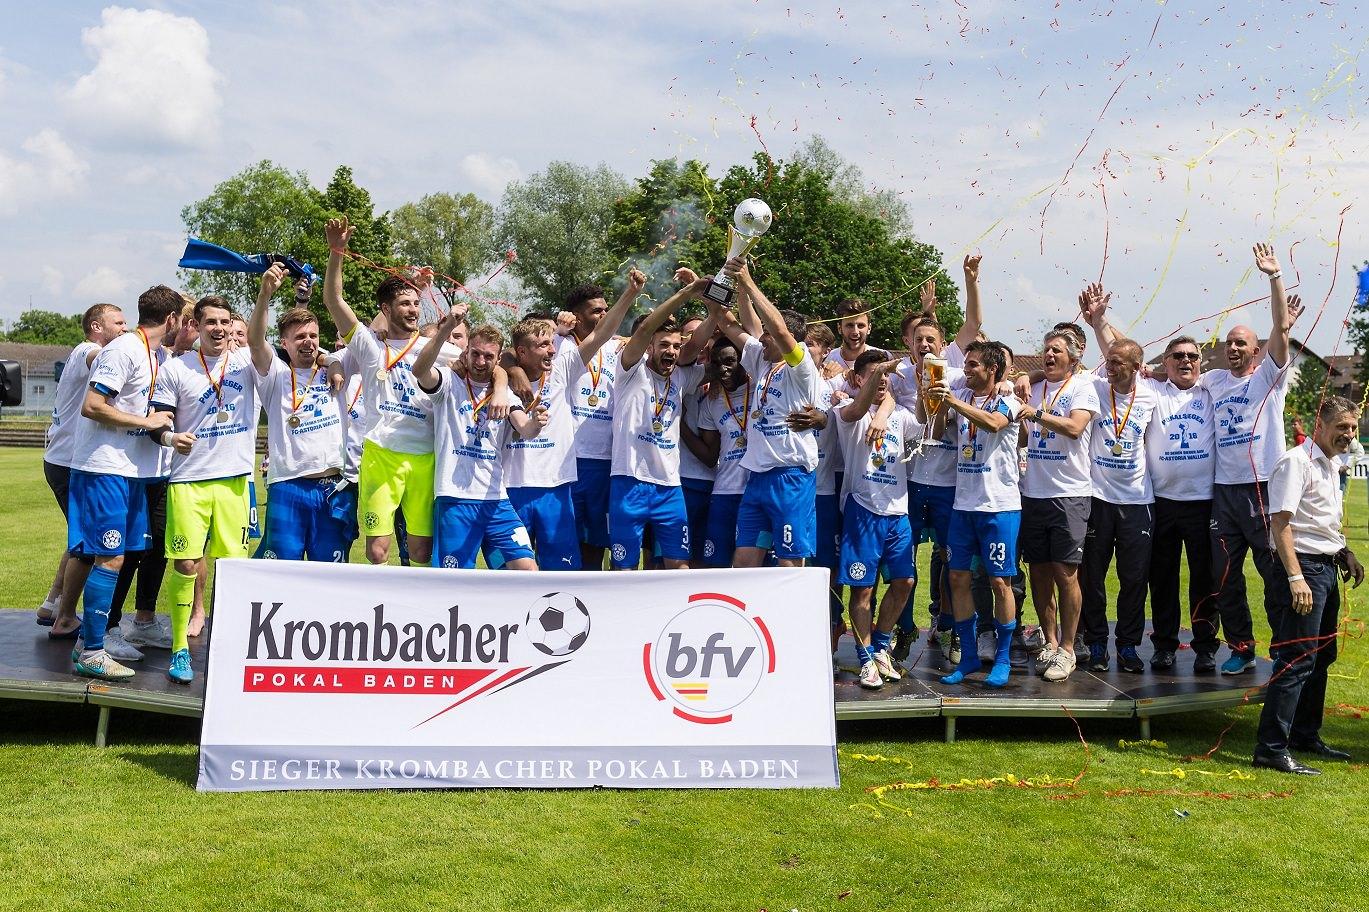 Siegerehrung, Zeremonie: die siegreiche Mannschaft FC Astoria Walldorf feiert mit dem BFV-Krombacher-Pokal.  GES/ Fussball/ Finaltag der Amateure: FC Astoria Walldorf - SpVgg Neckarelz, 28.05.2016 --